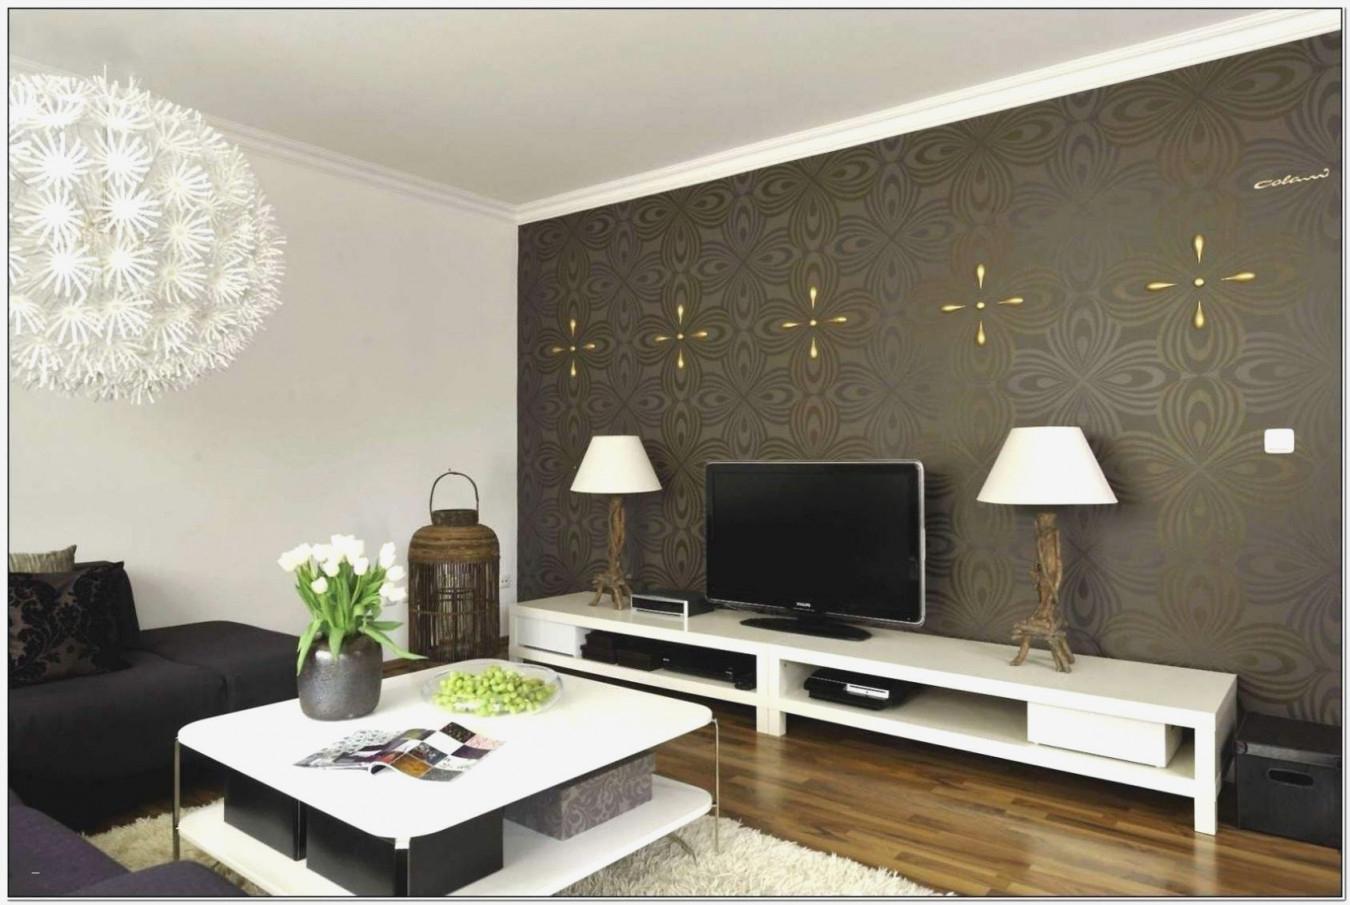 Wandgestaltung Wohnzimmer – Caseconrad von Wohnzimmer Wände Gestalten Photo